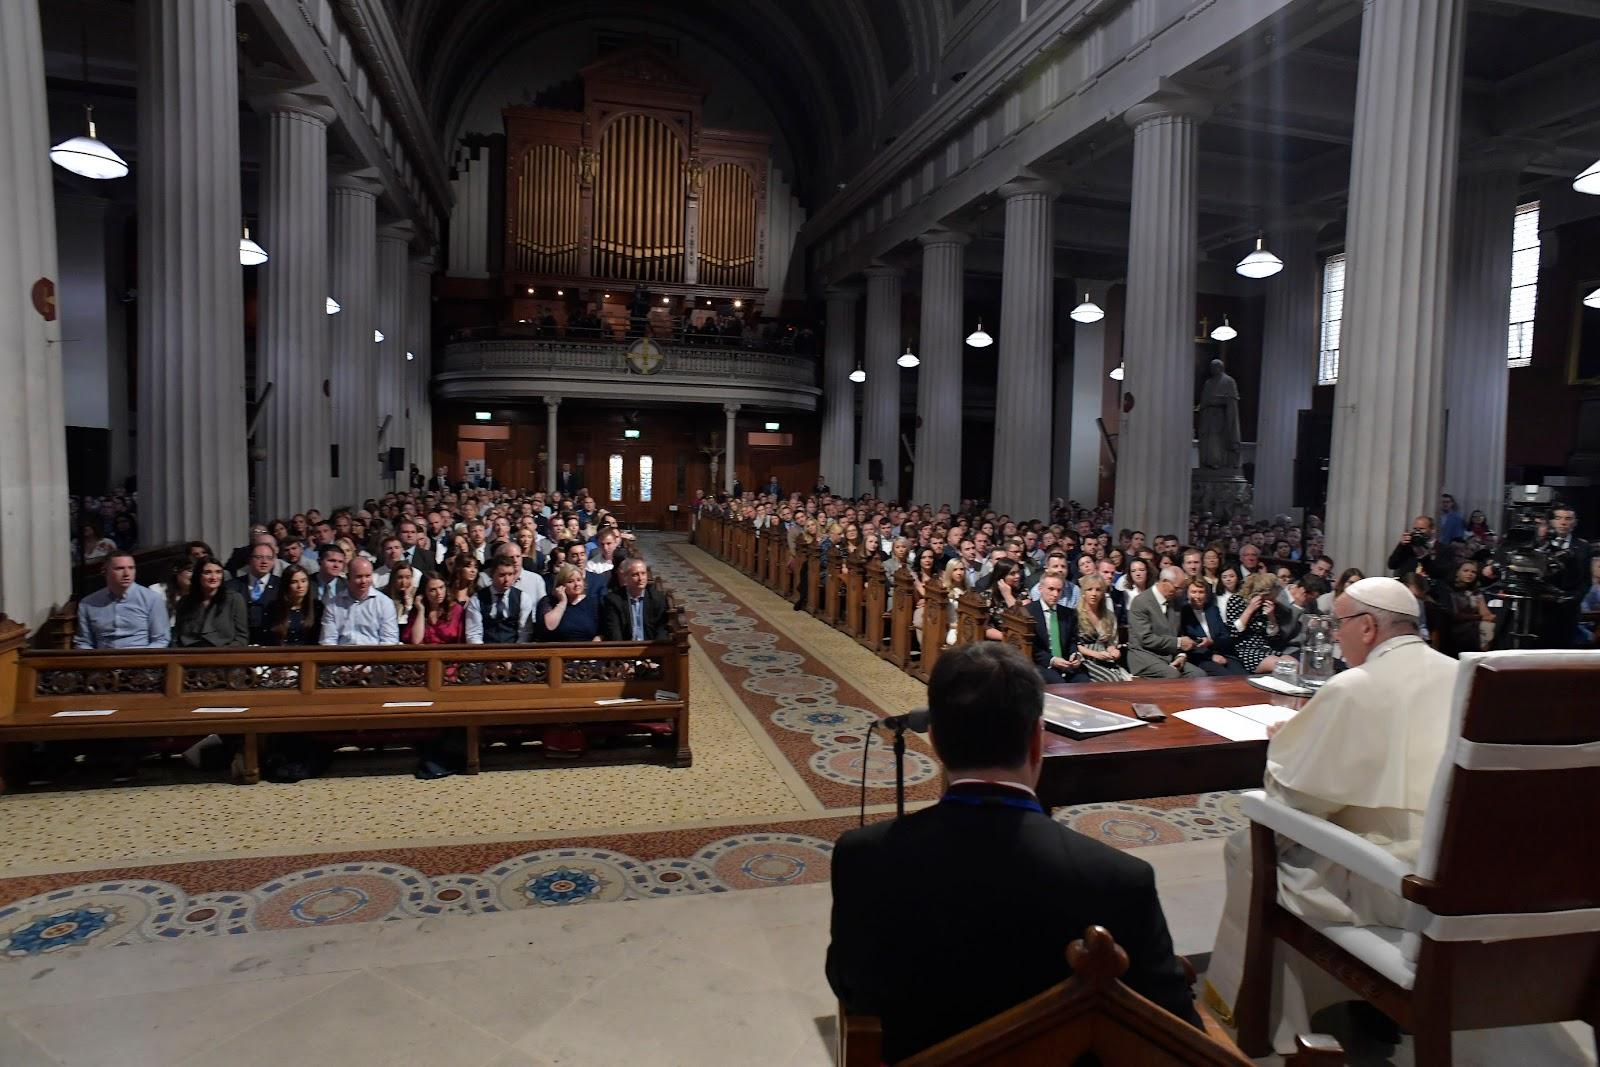 Huấn từ của Đức Thánh Cha với các đôi vợ chồng trong Nhà thờ chính tòa tạm thời Thánh Mary ở Dublin